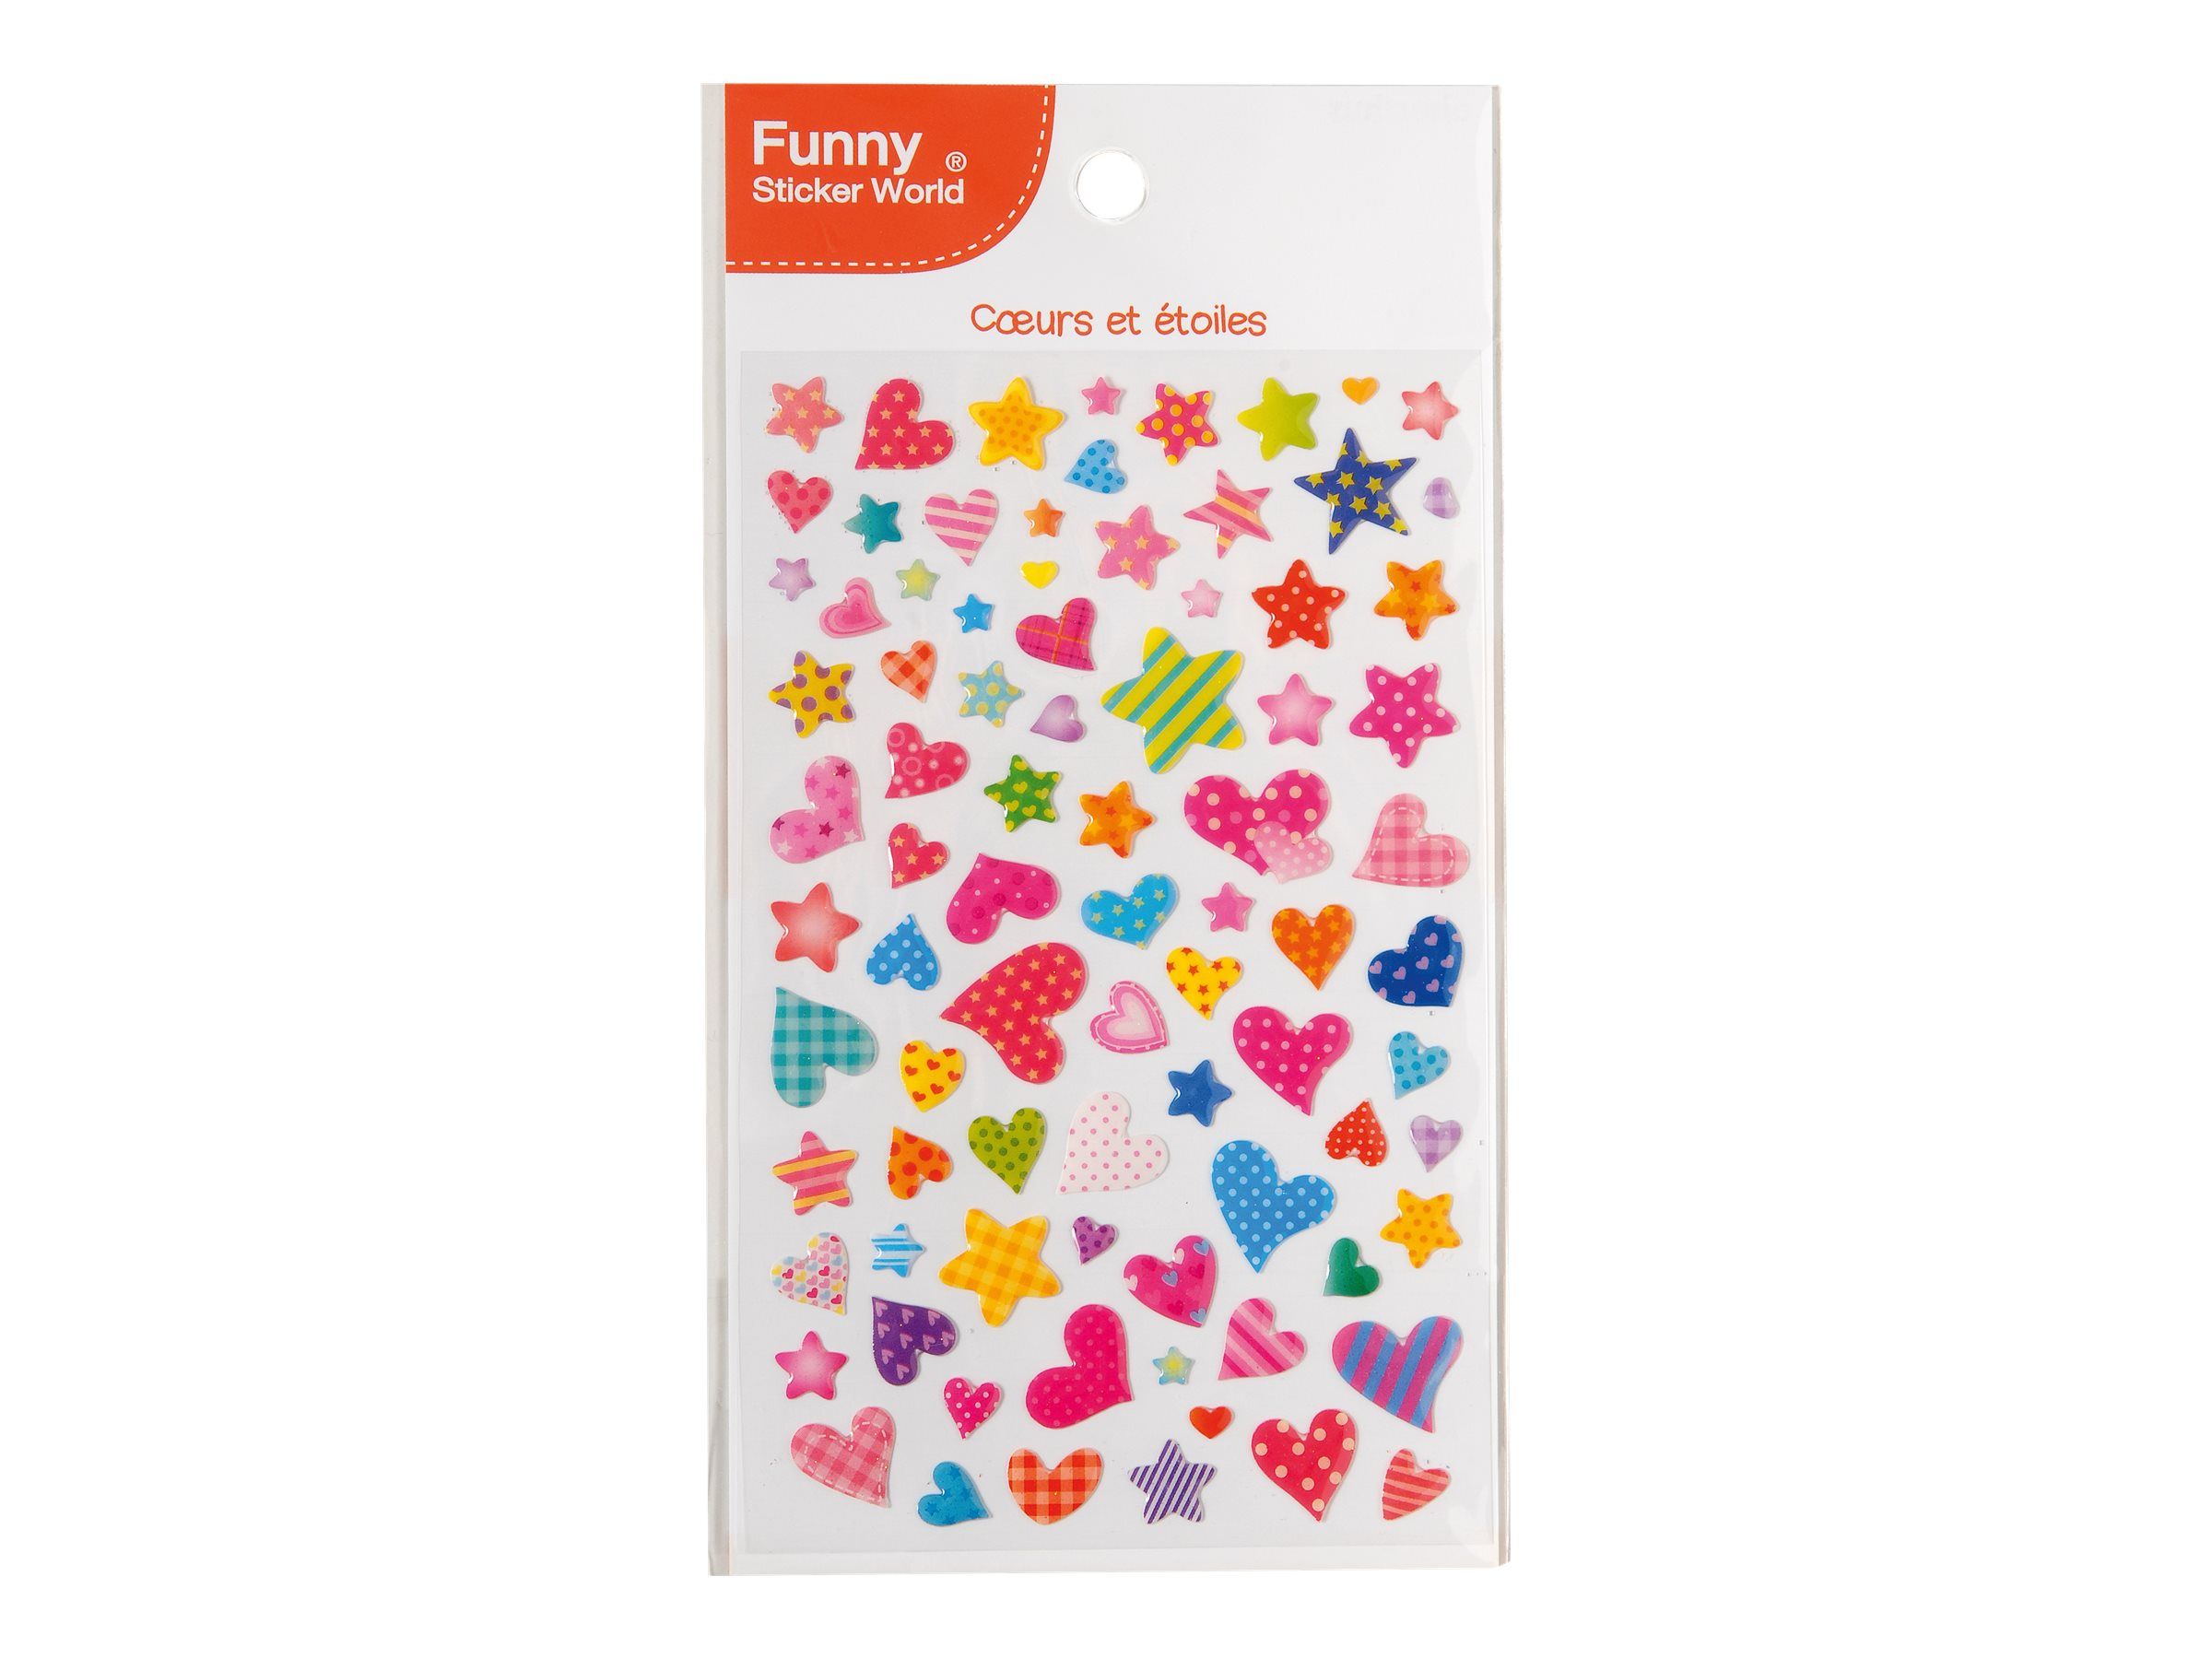 Oberthur Funny Sticker World - Stickers - cœurs et étoiles